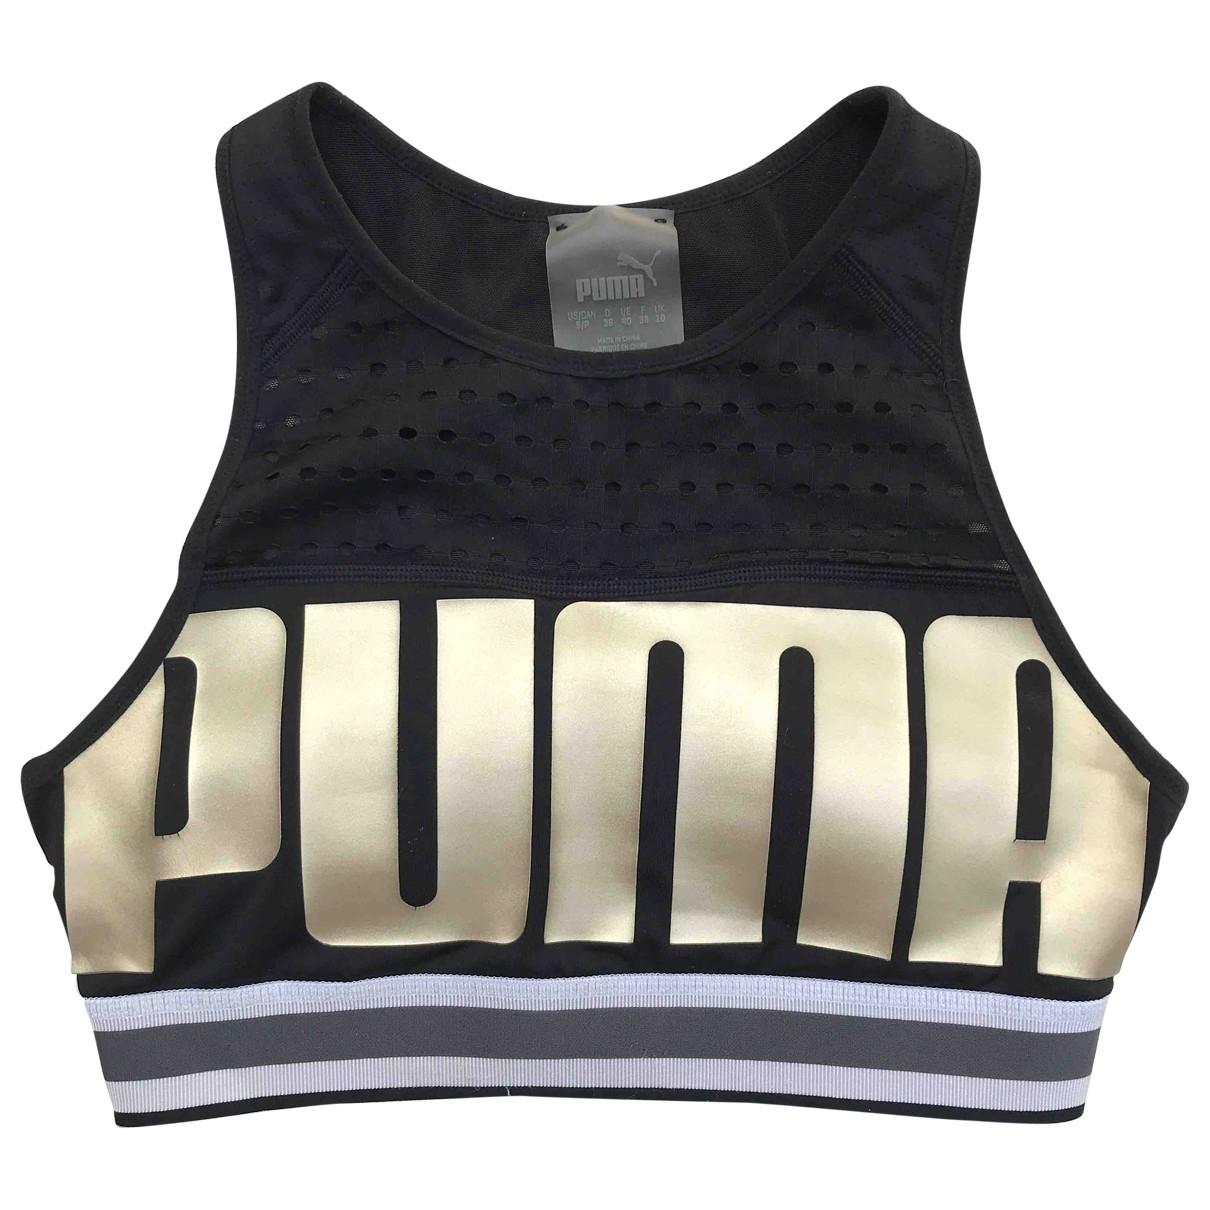 Puma - Top   pour femme - noir